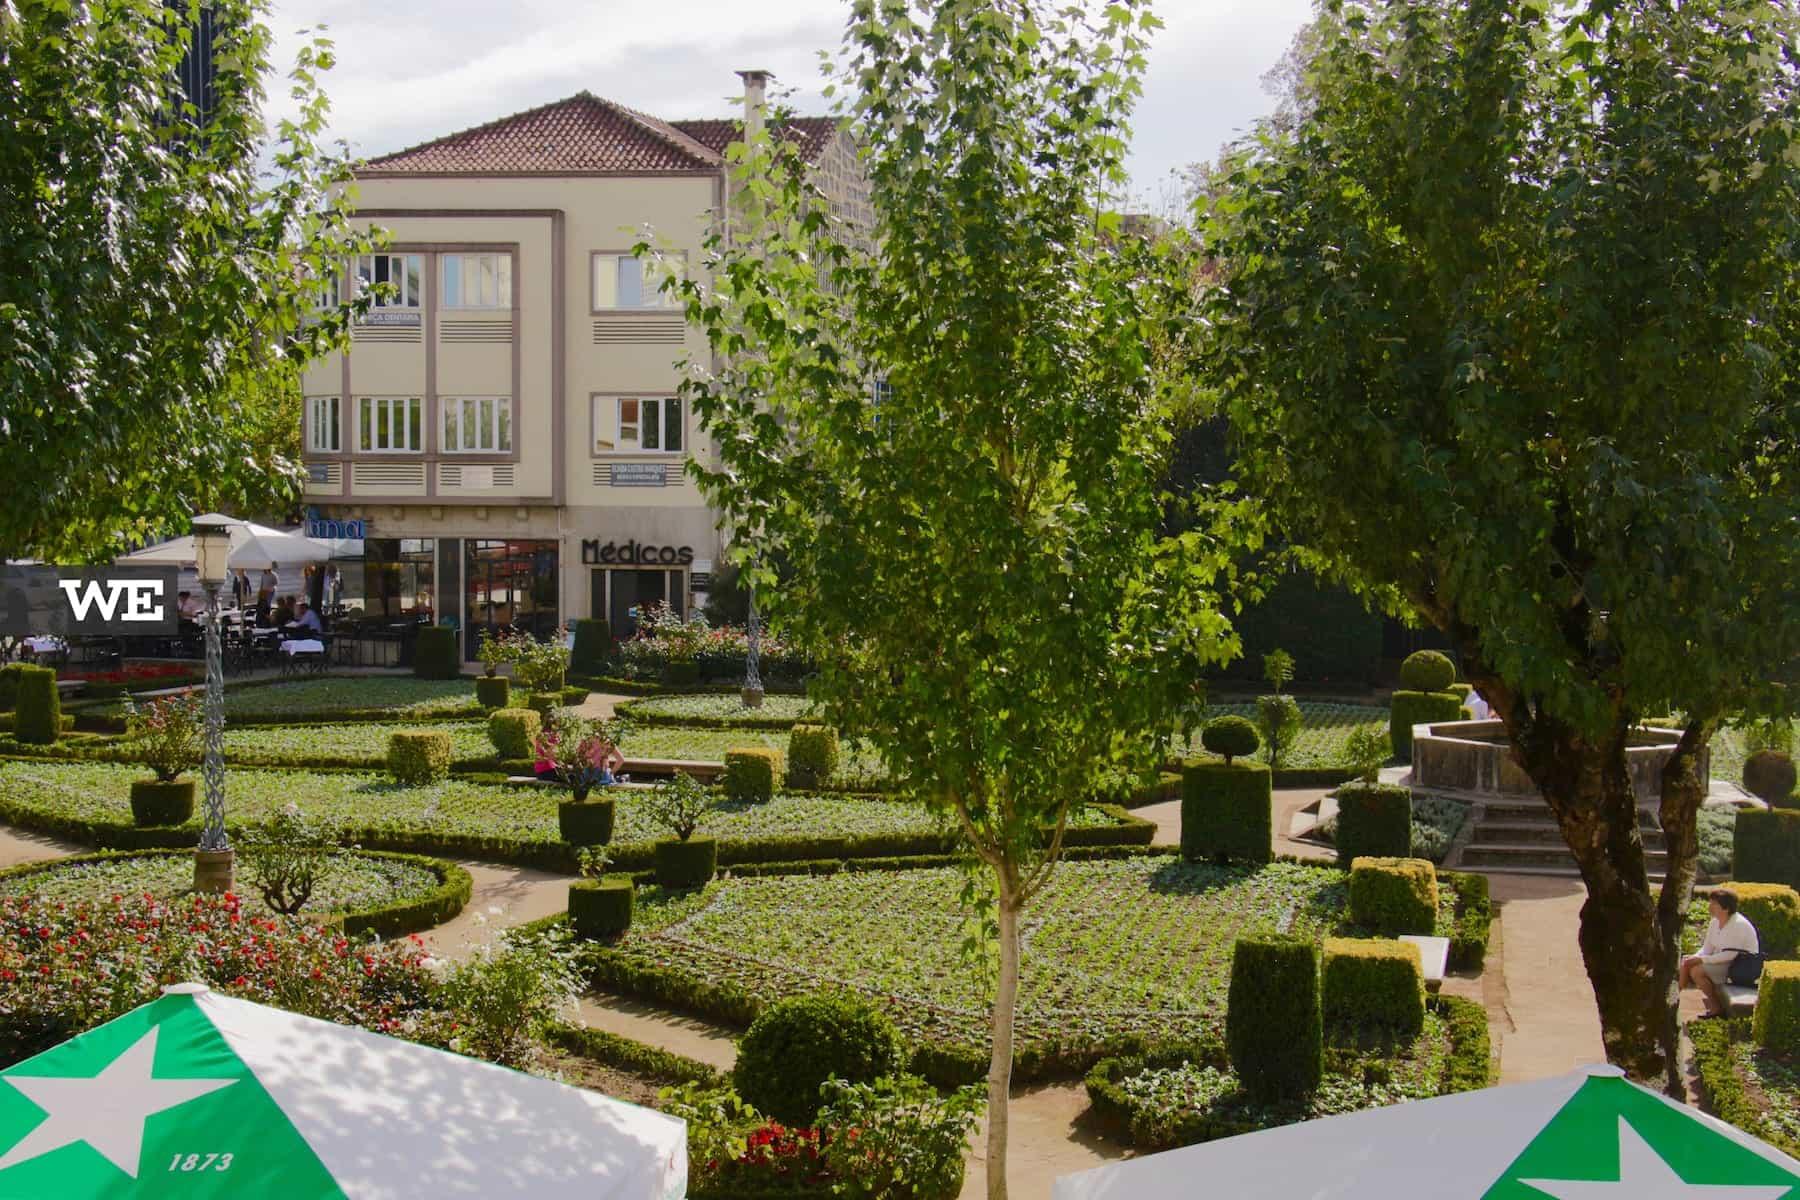 Jardim de Santa Bárbara ao lado do Alma d'Eça, um dos melhores restaurante de sushi em Braga - We Braga